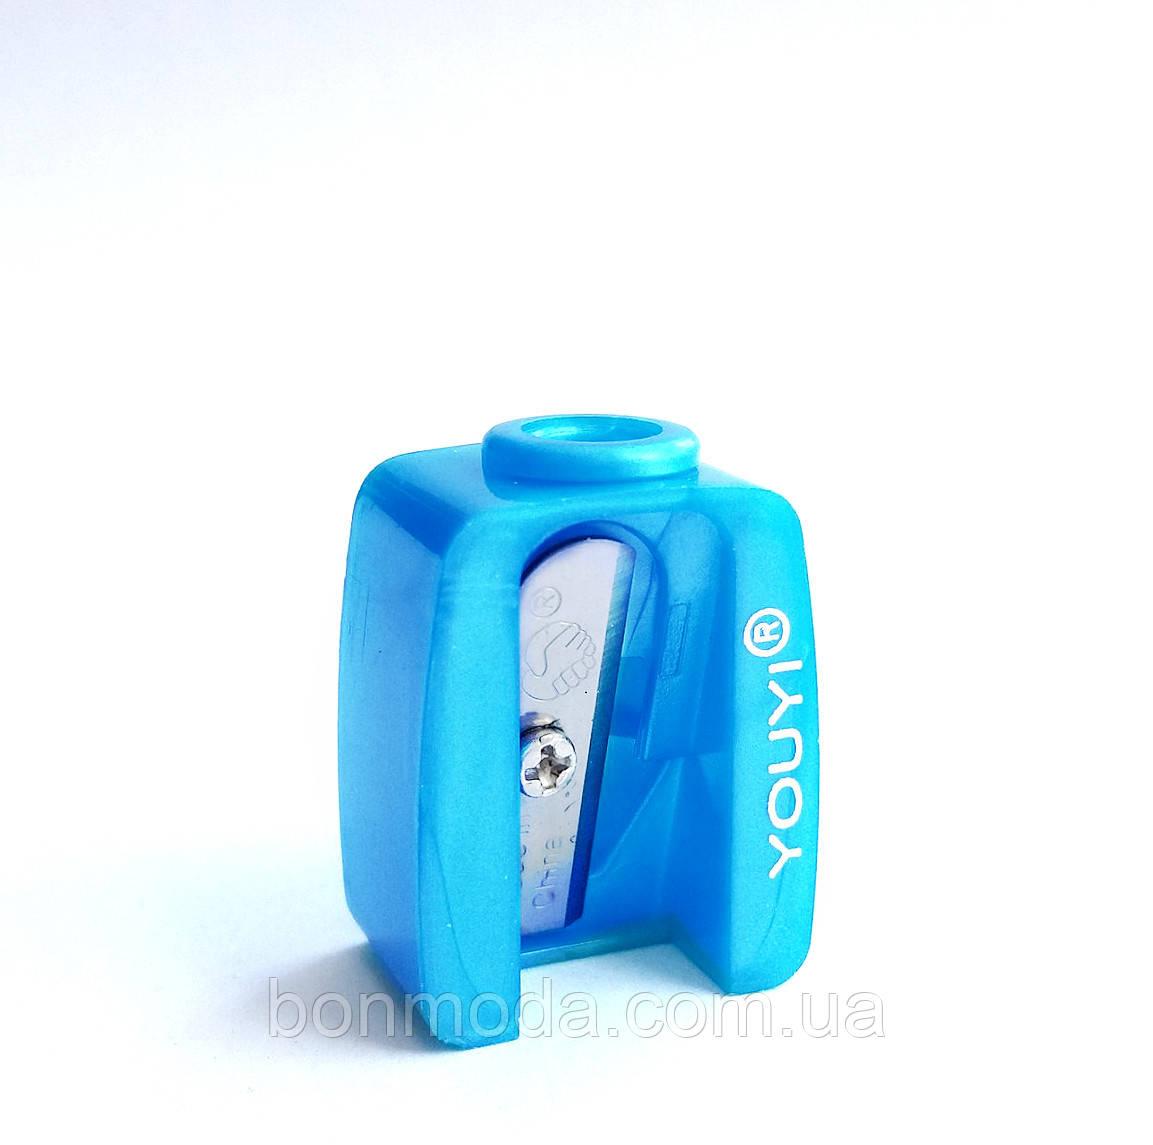 Точилка для косметических карандашей одинарная голубая